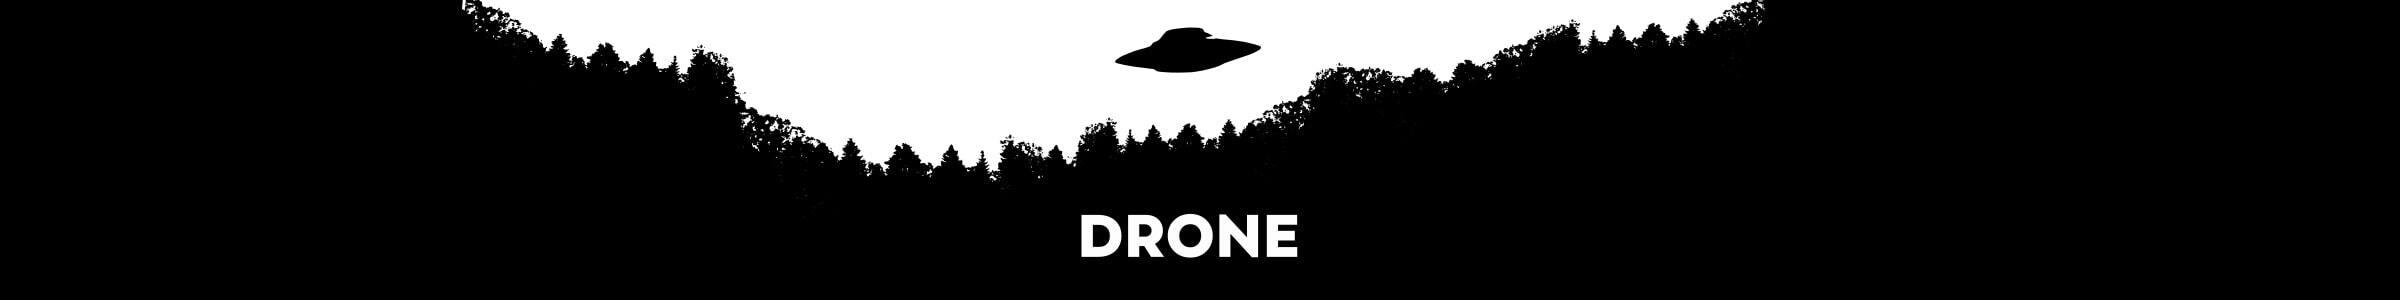 Category_Teaser_Header_Drohnen_2400x300